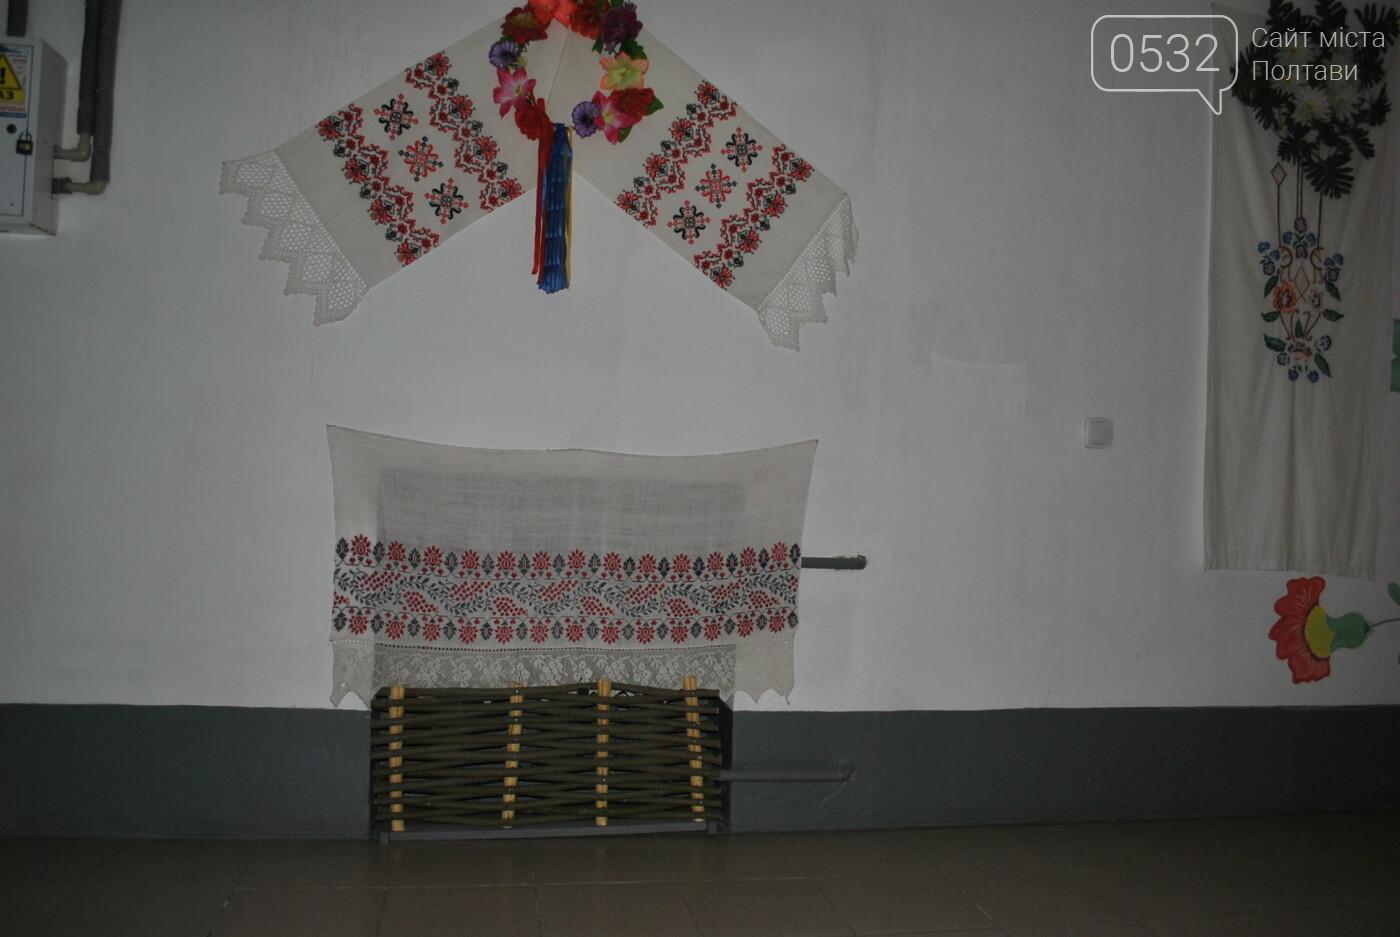 Полтавці створили українську світлицю у під'їзді багатоповерхівки (ФОТО), фото-12